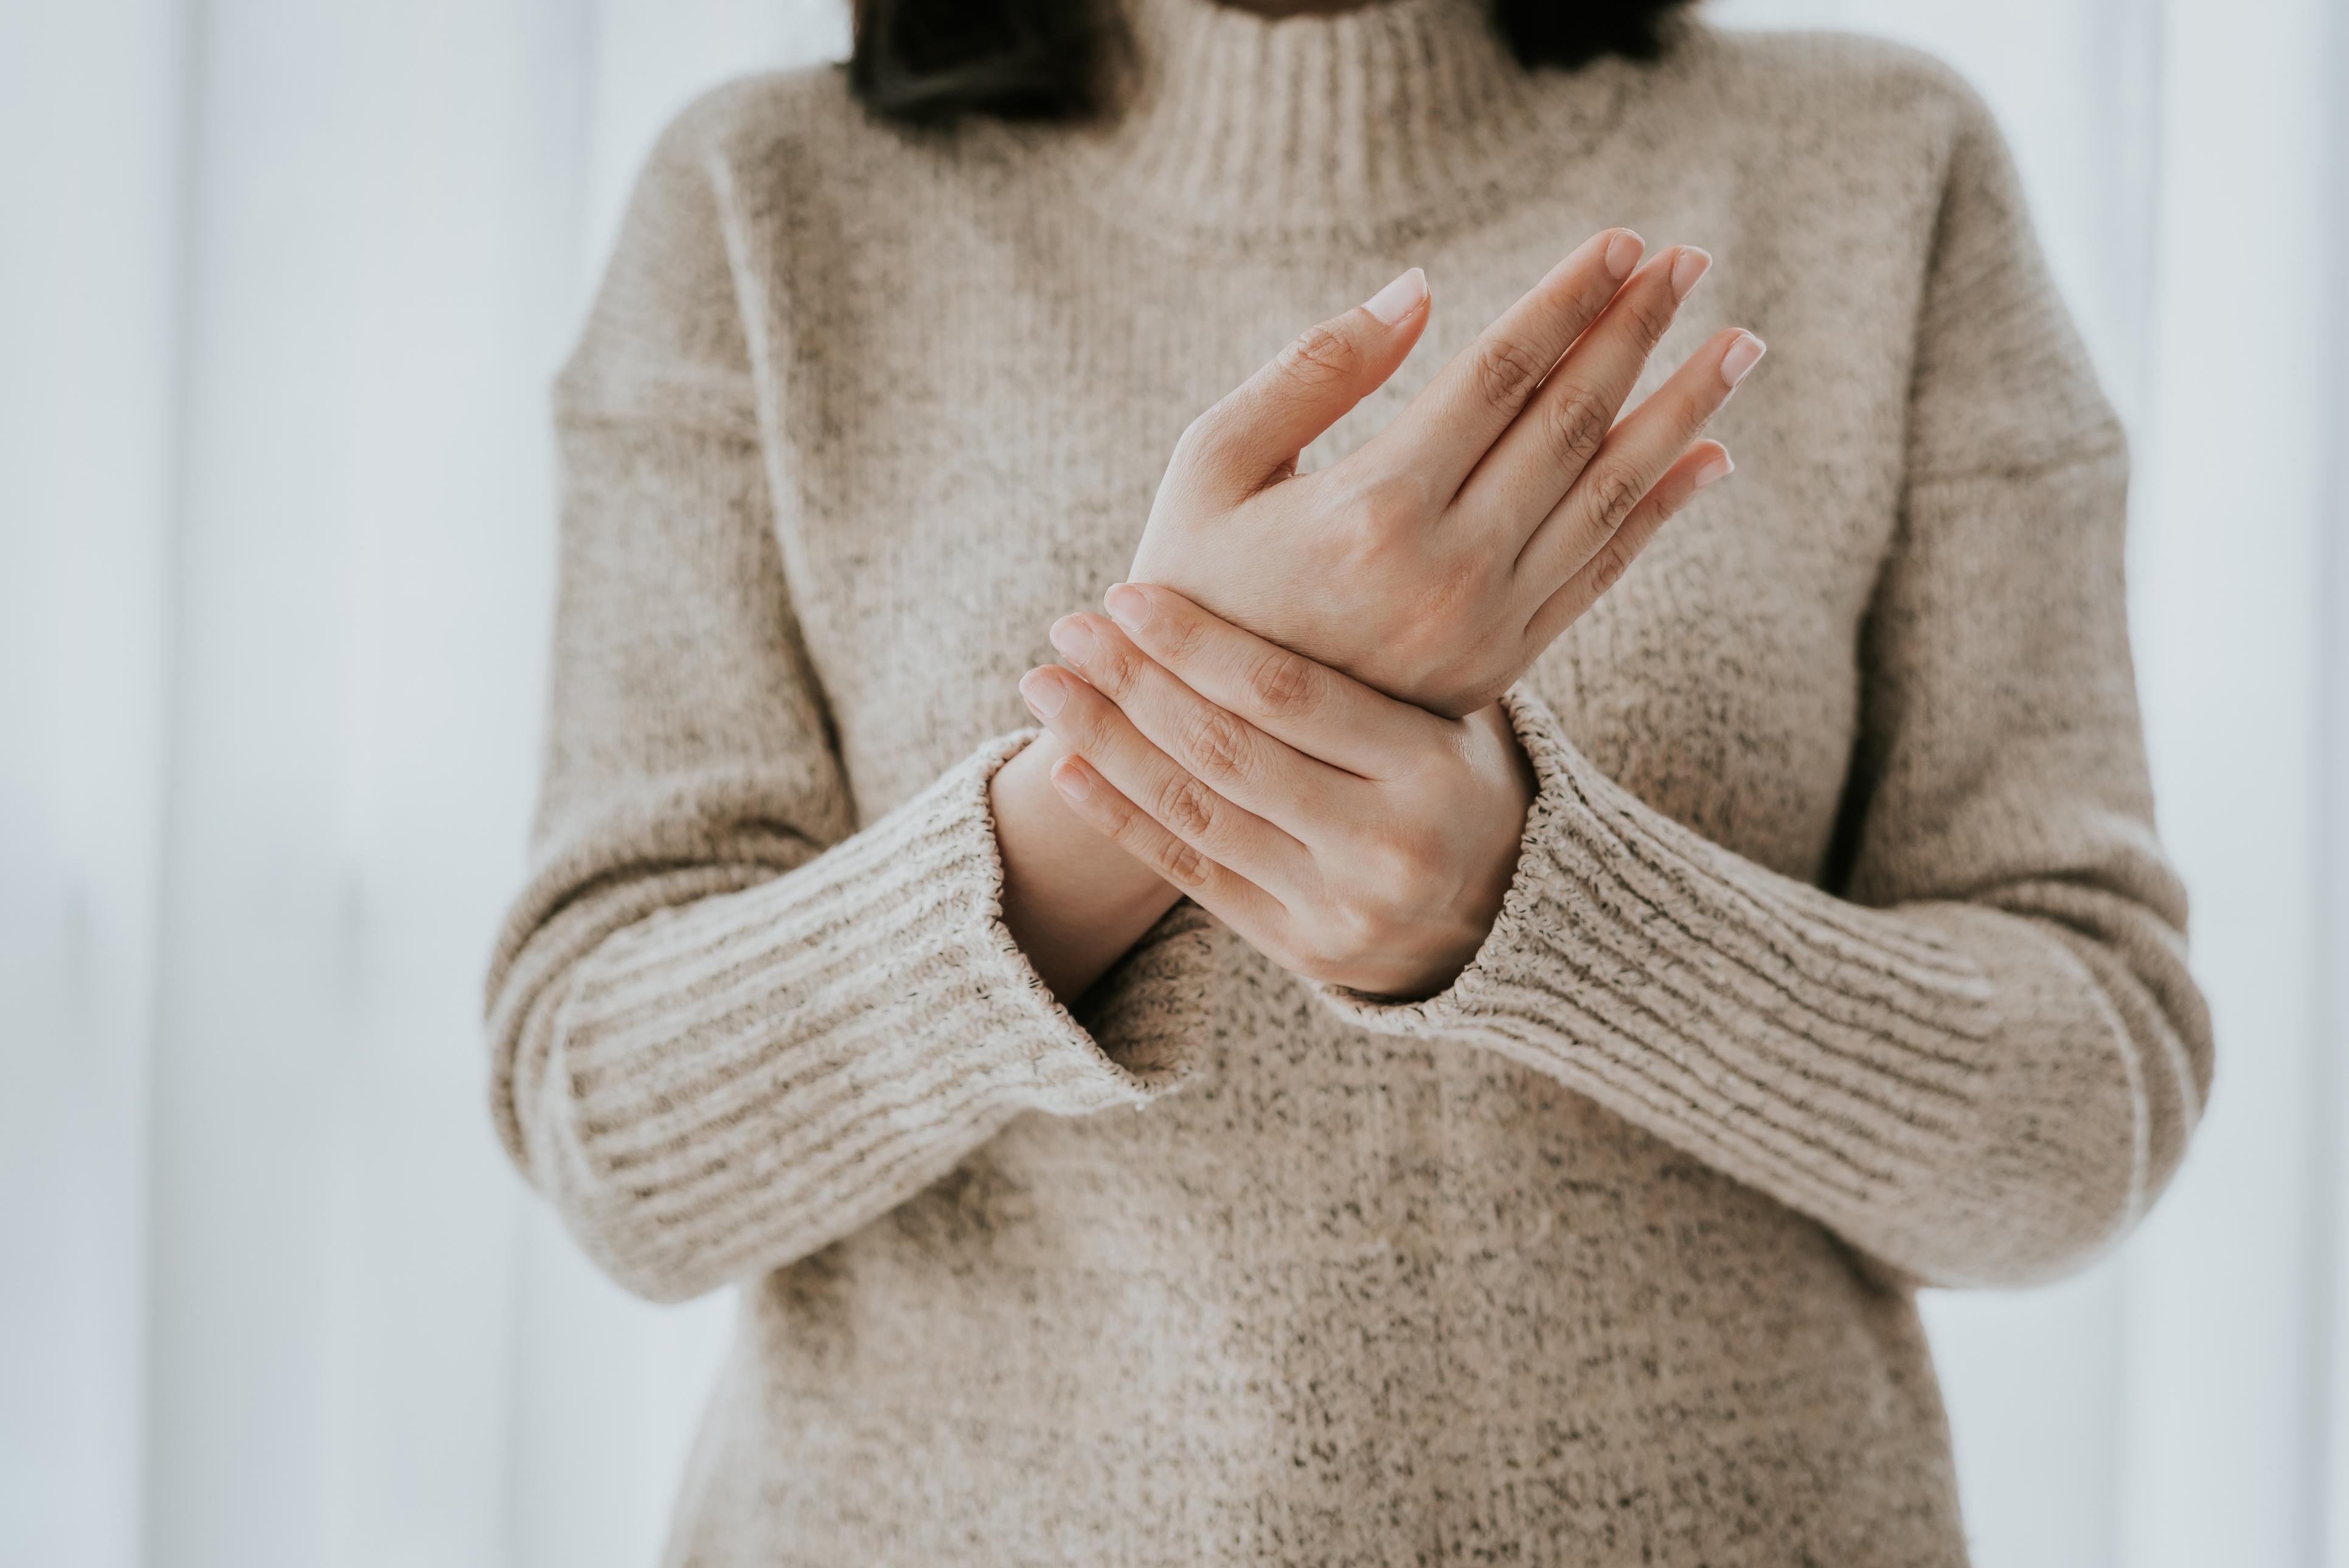 Douleurs-aux-doigts